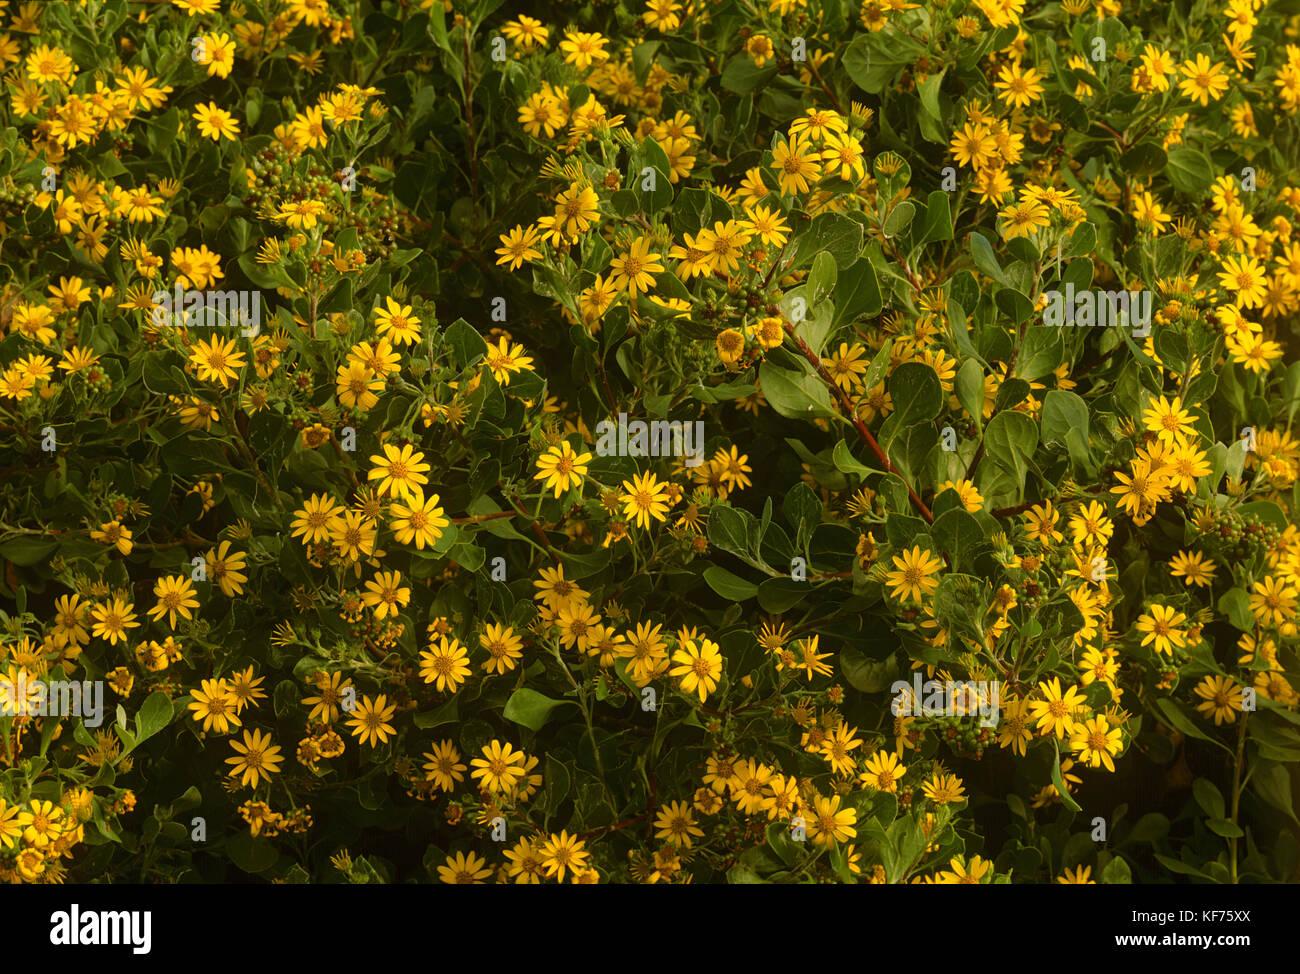 Bitou Bush Chrysanthemoides Monilifera Rotundata With Mass Of